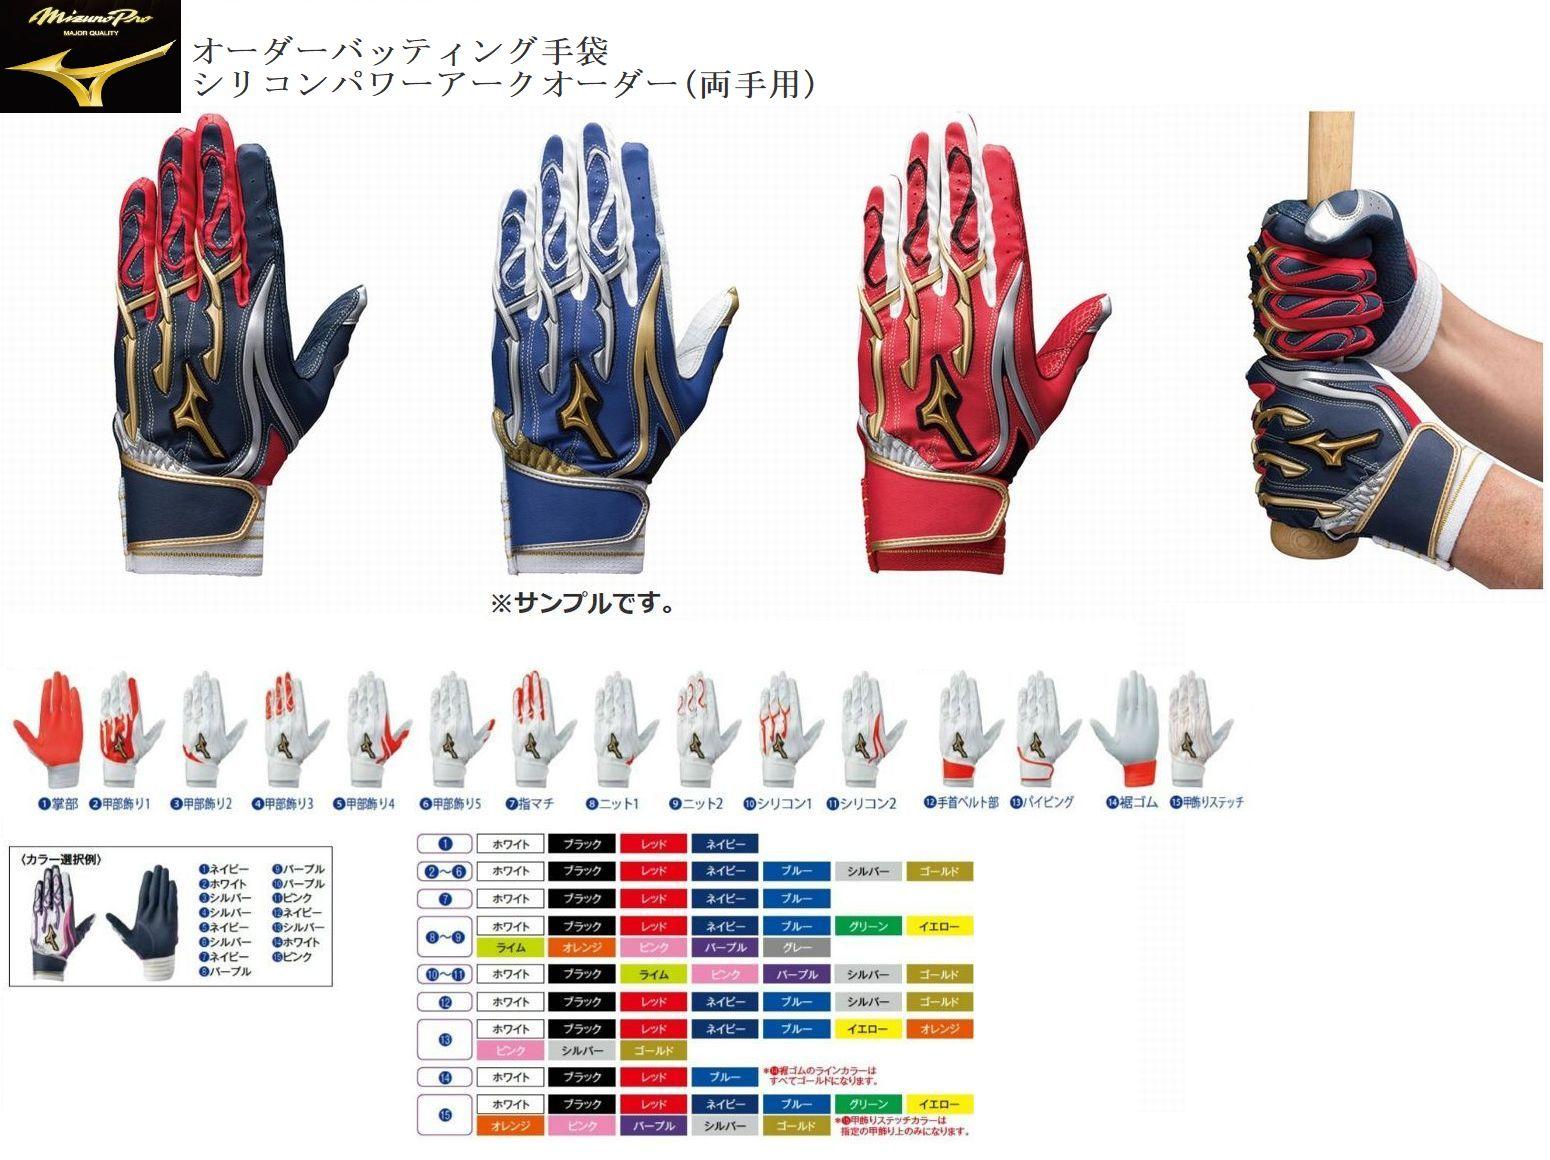 ORDER~オーダー~【Mizuno Pro~ミズノプロ】野球 ソフトボールバッティンググローブバッティンググラブバッティング手袋<シリコンパワーアークオーダー【両手用】>(サイズ:21~28 cm)[スムースシープ/型押しシープ]日本製